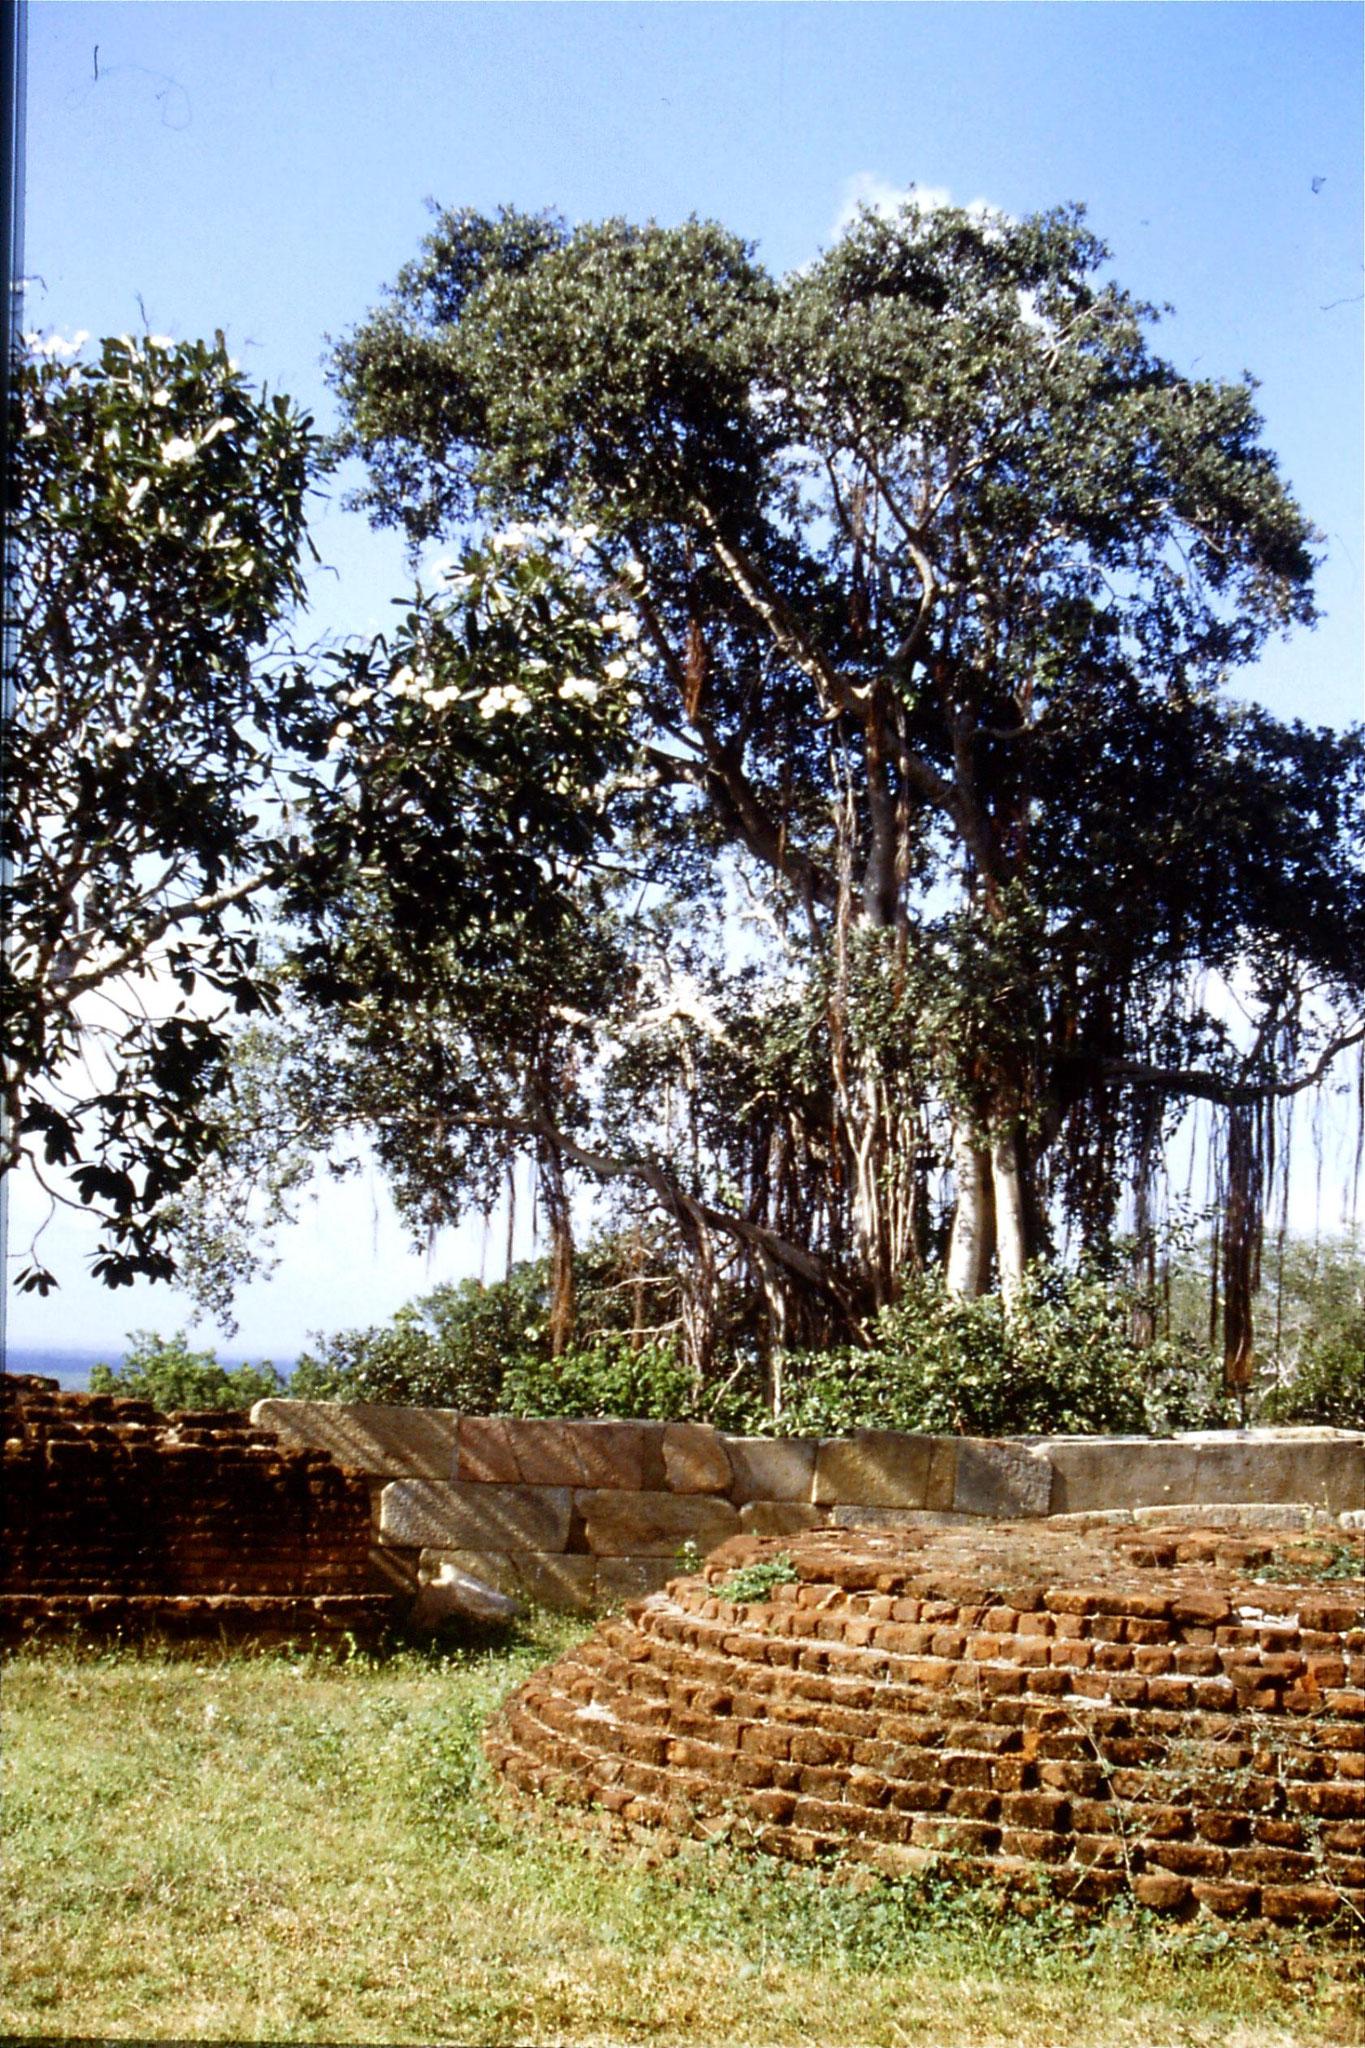 8/2/1990: 0: Mihintale, banyan and frangipani